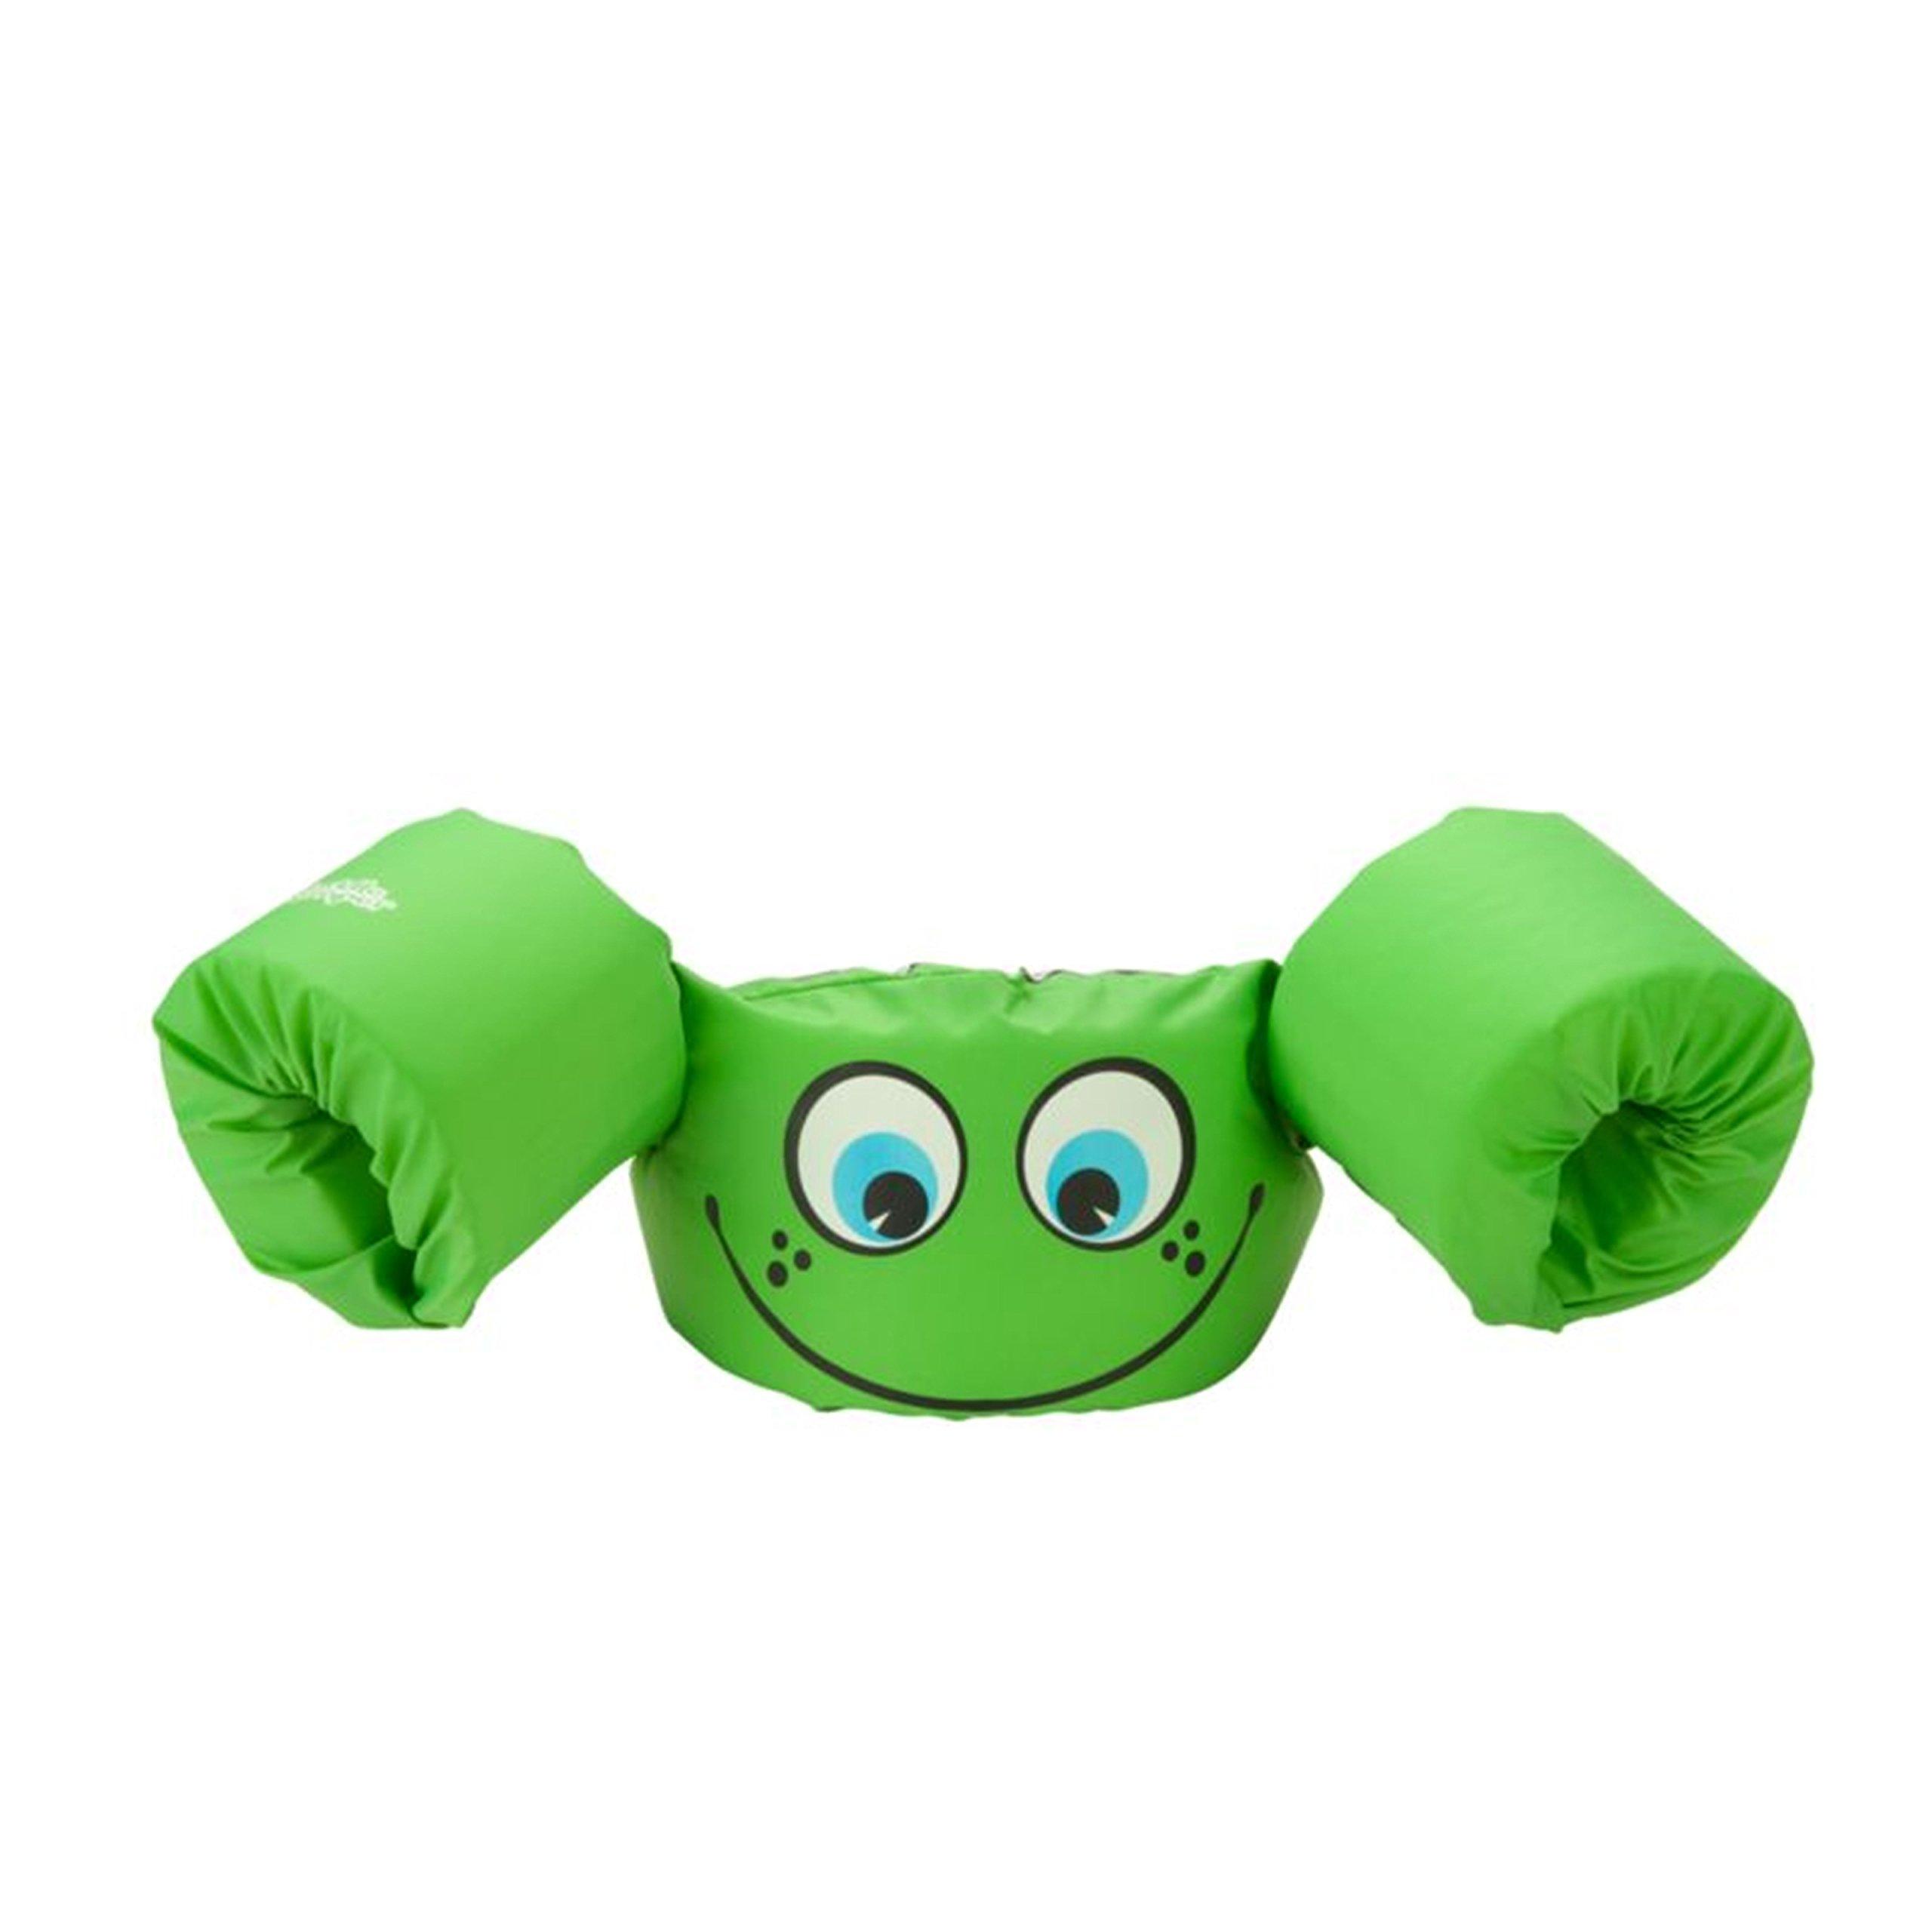 Stearns Puddle Jumper Basic Child Life Jacket, Green Smile